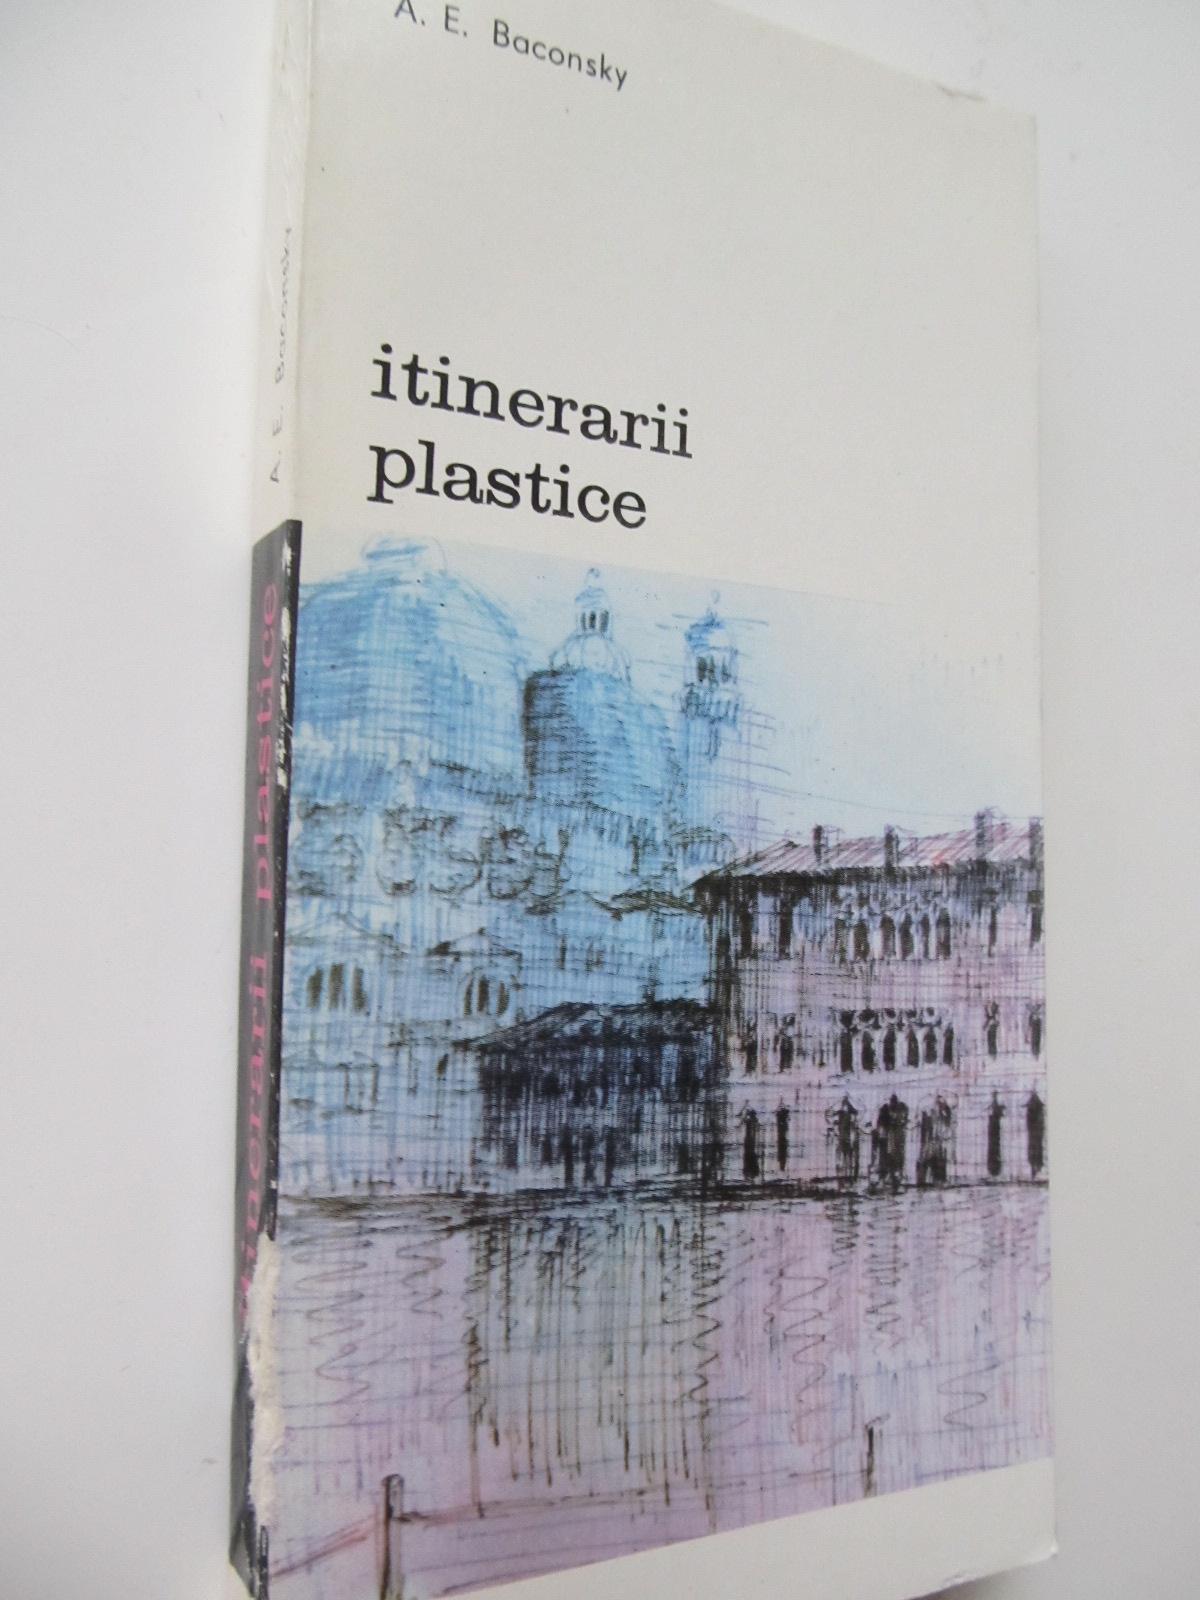 Itinerarii plastice - A. E. Baconsky | Detalii carte